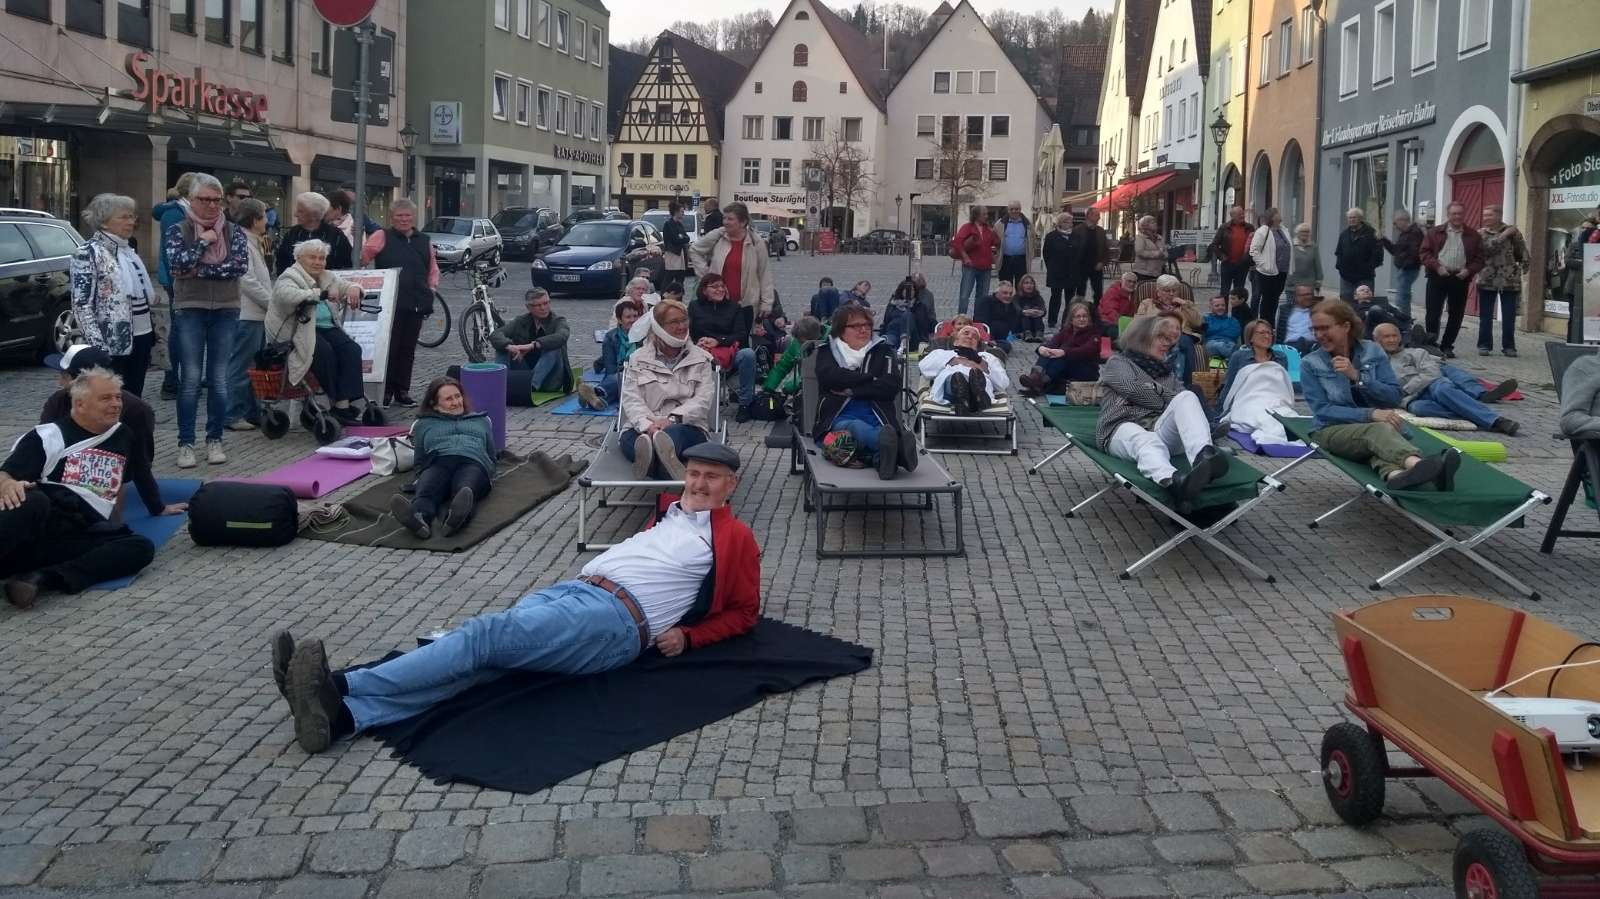 Demonstration auf dem Marktplatz von Hersbruck: Menschen liegen auf Feldbetten und Decken